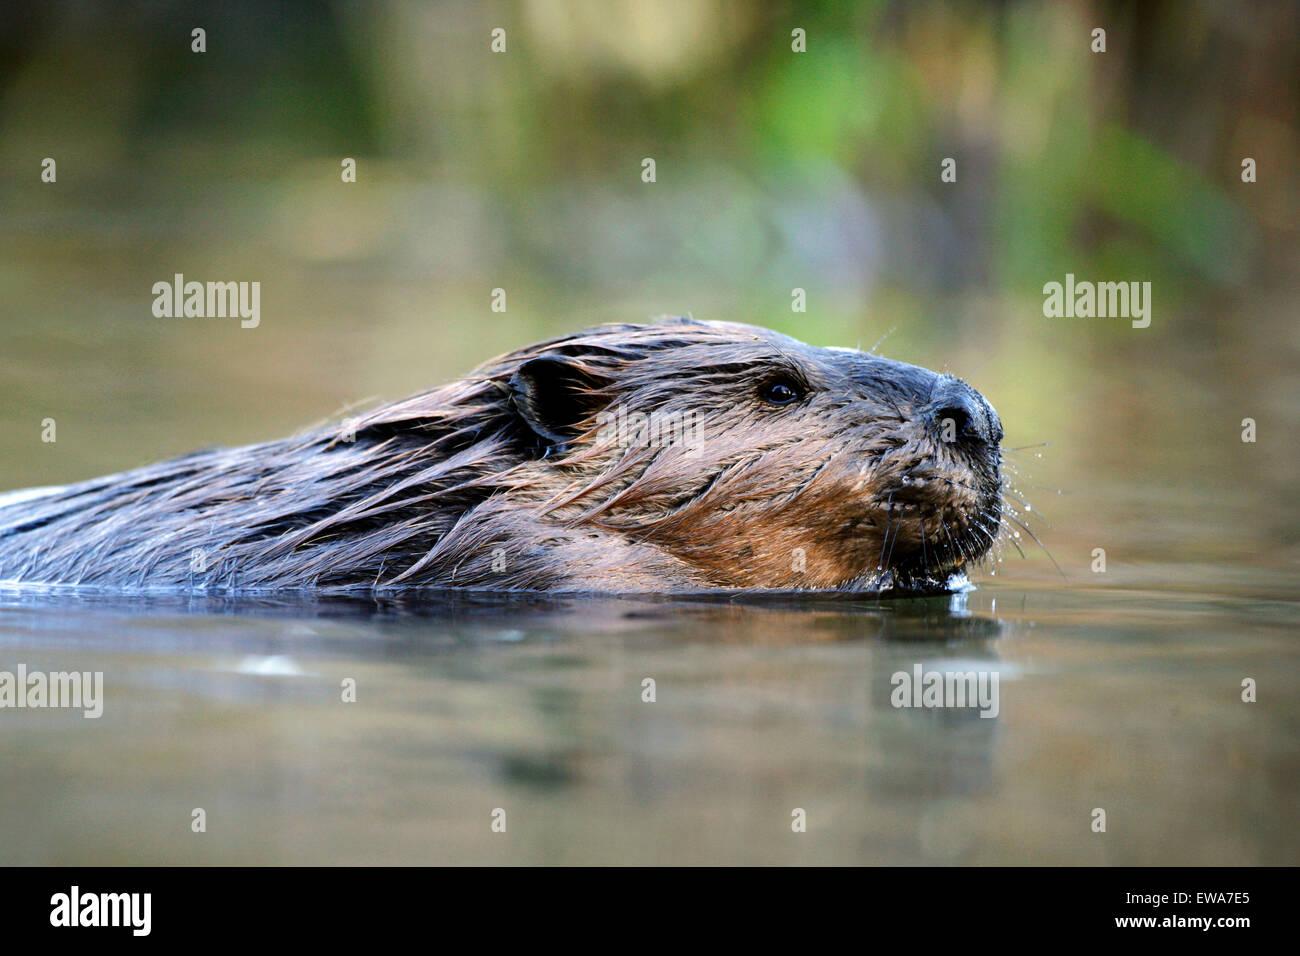 Beaver adulto grande nadando en el estanque, retrato de cerca Imagen De Stock